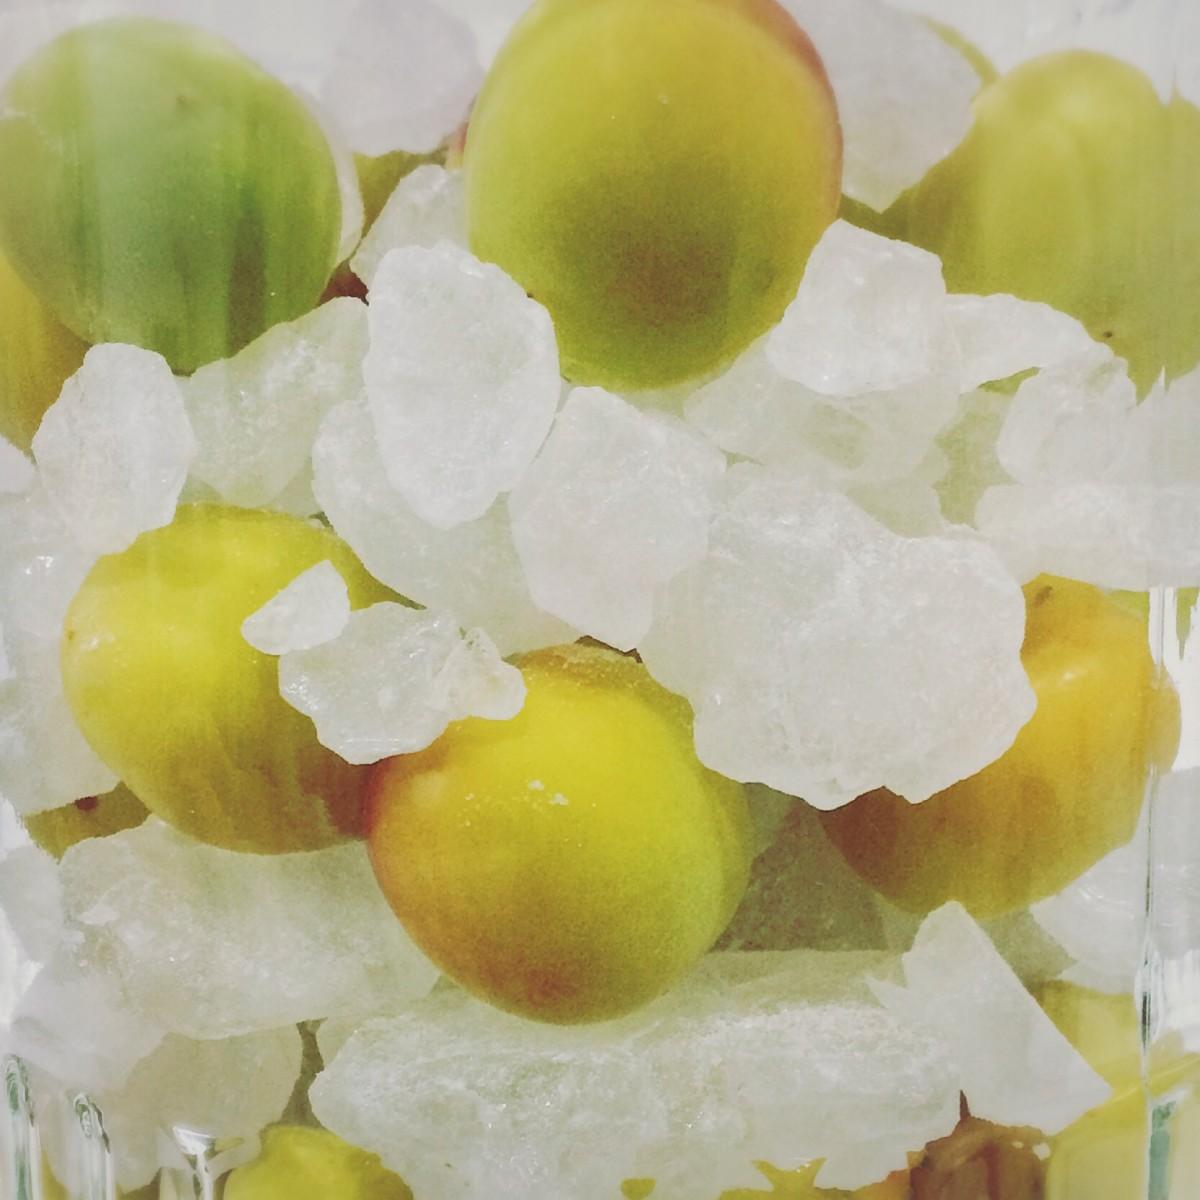 砂糖からこだわった、今年の梅しごと